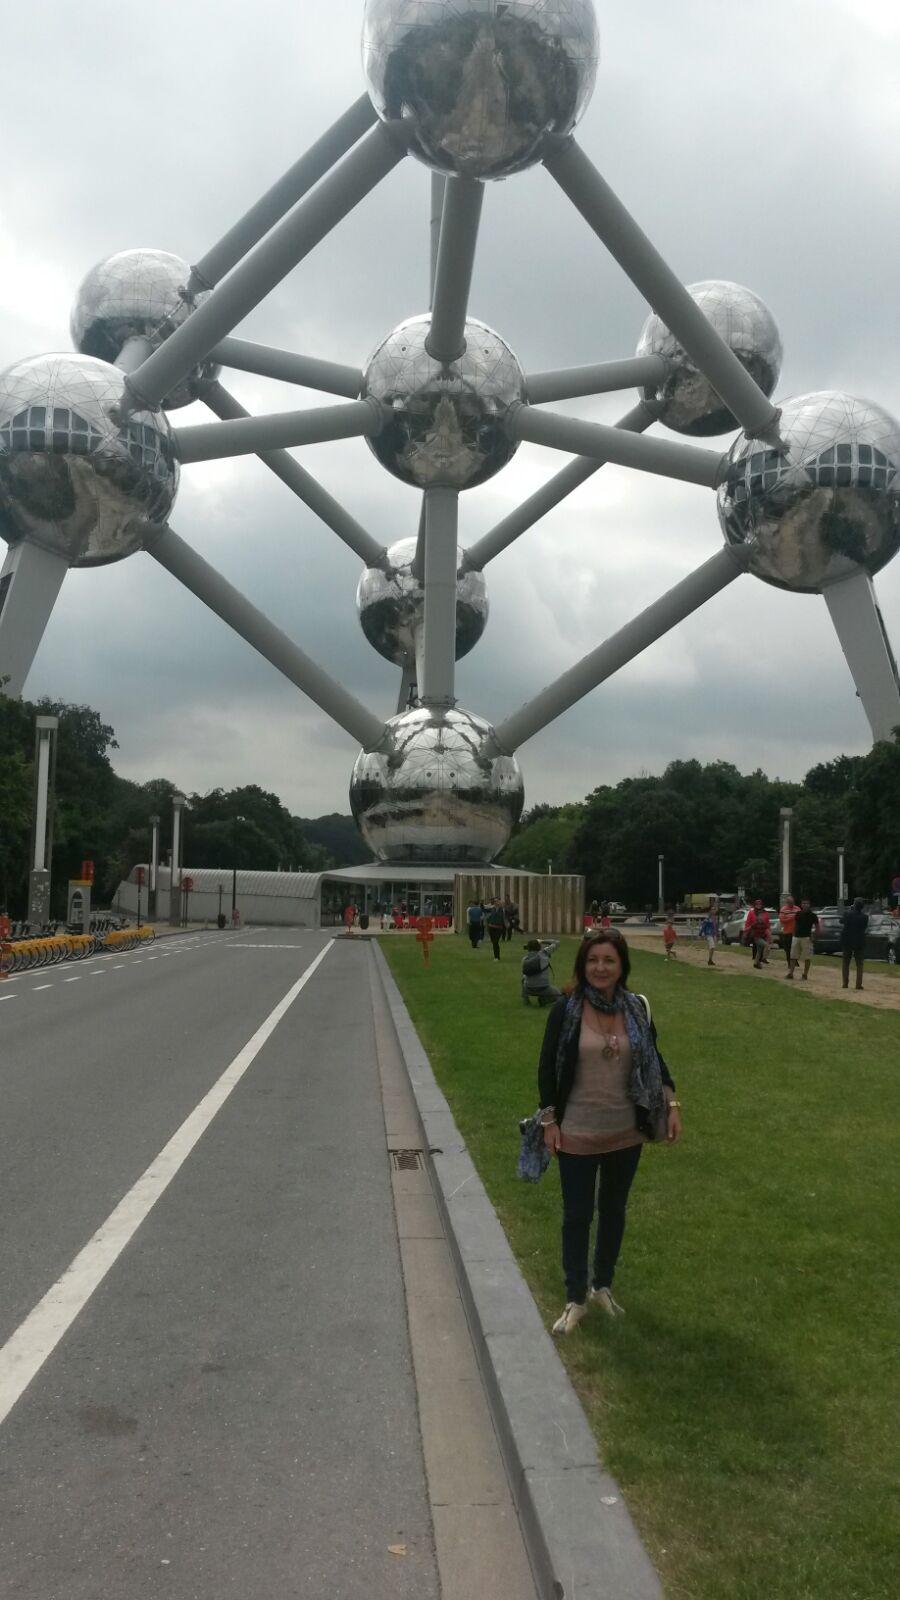 Montse en Bruselas con Atomium tras ella.